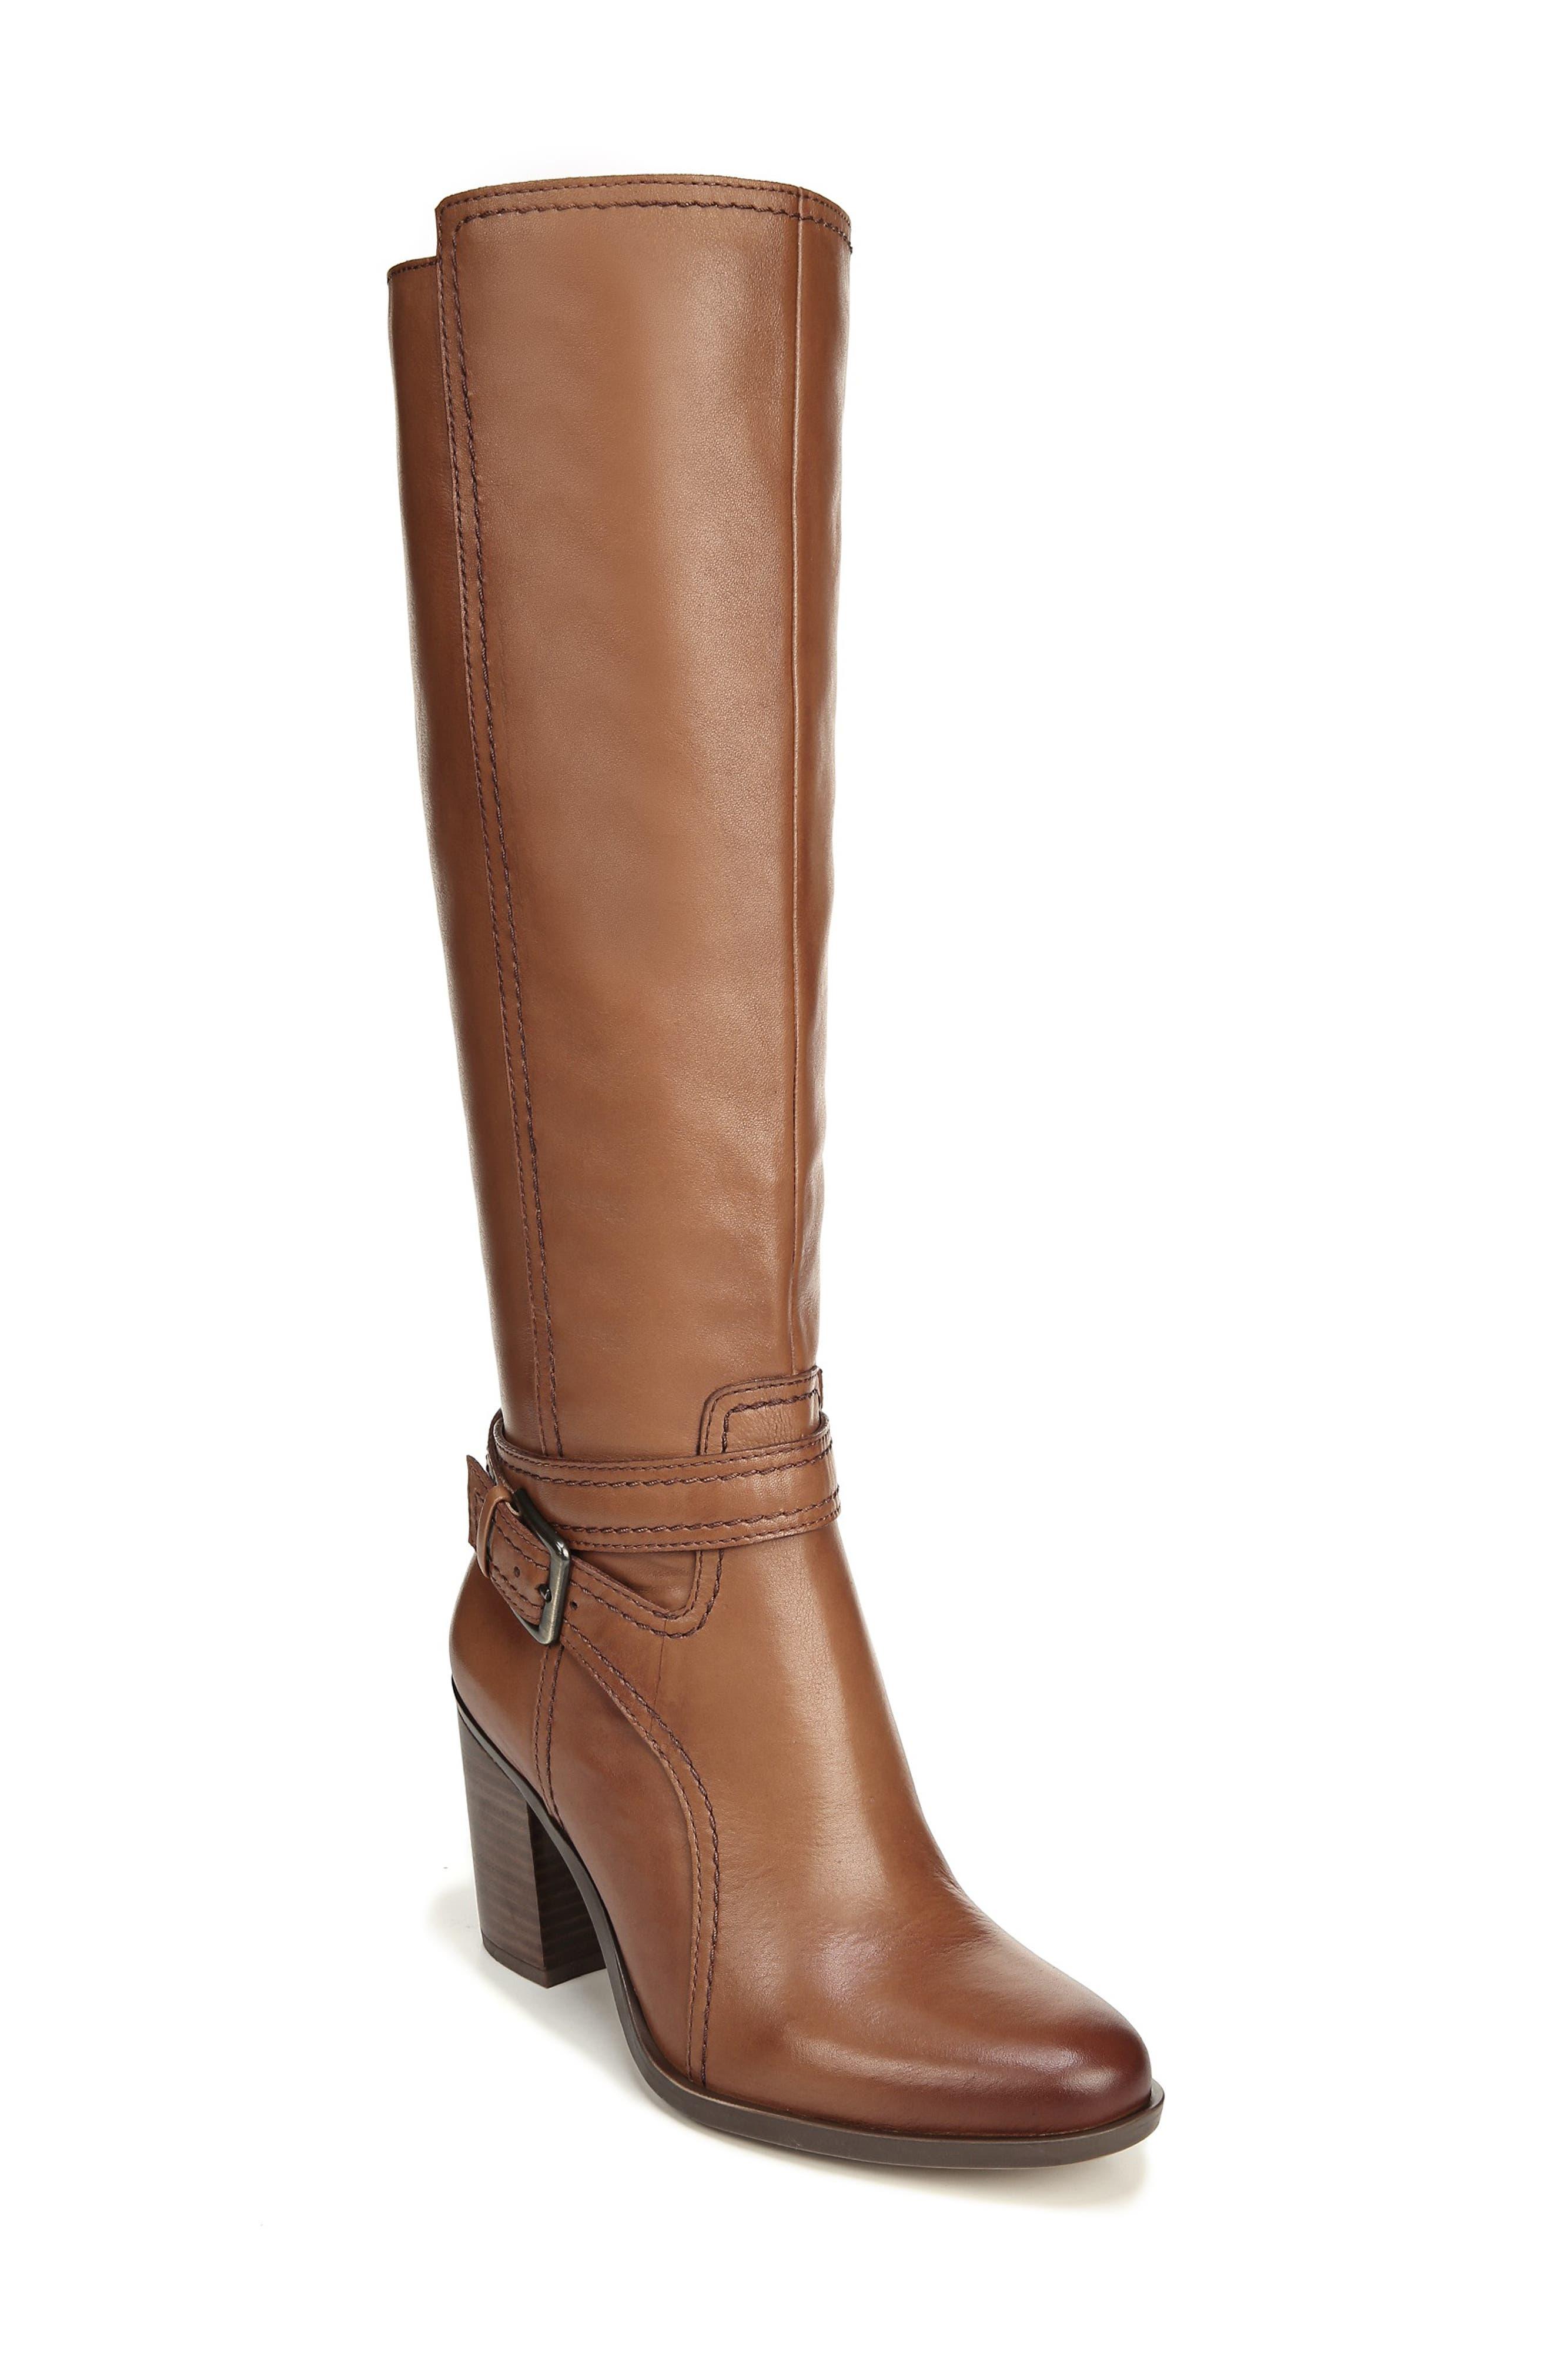 Naturalizer Kelsey Knee High Boot, Regular Calf- Brown